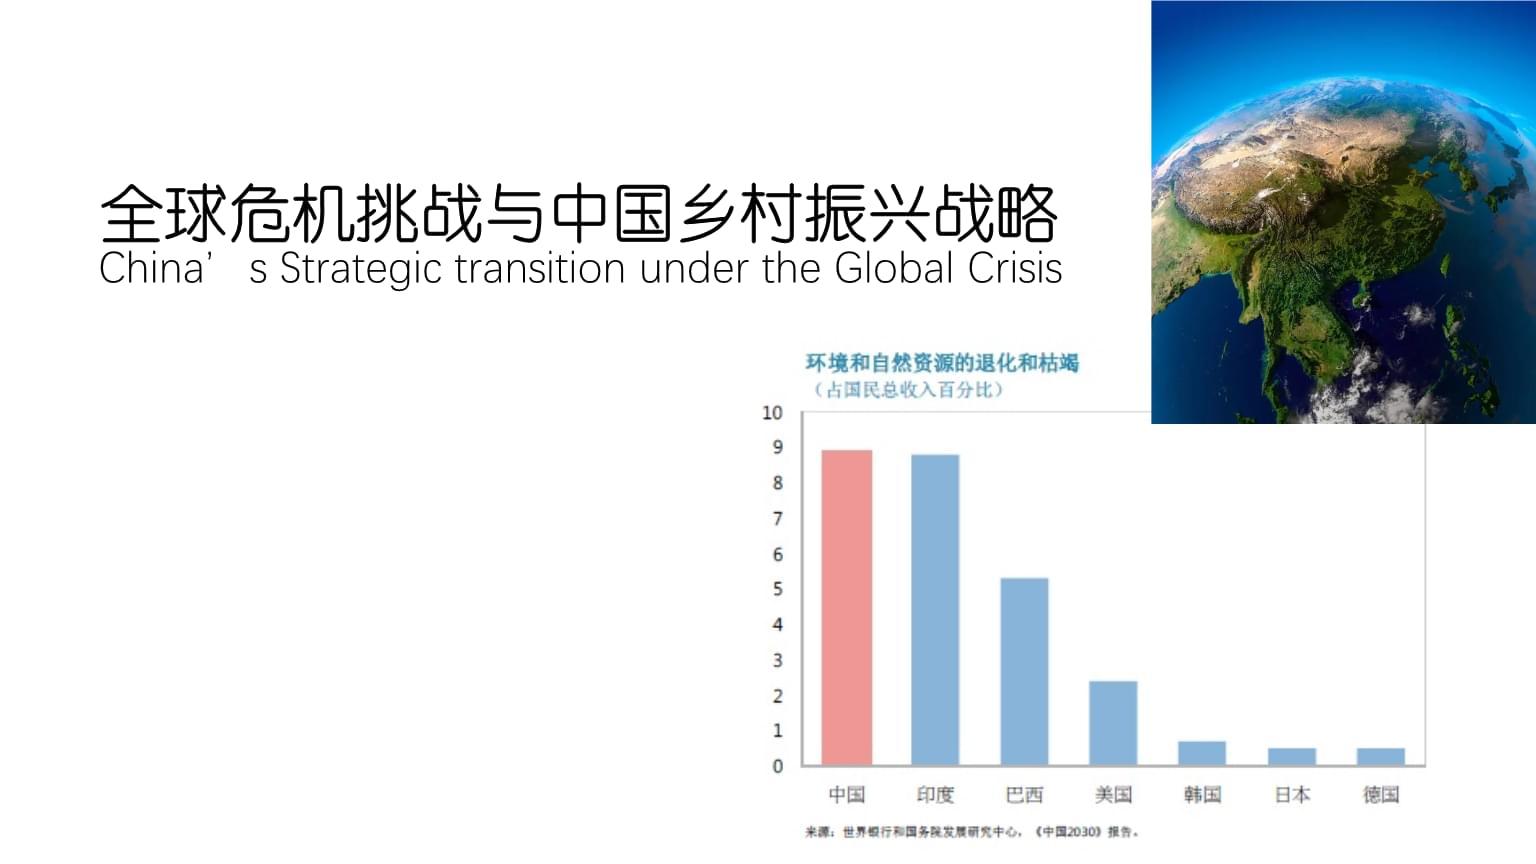 全球危機挑戰與中國鄉村振興戰略.pptx